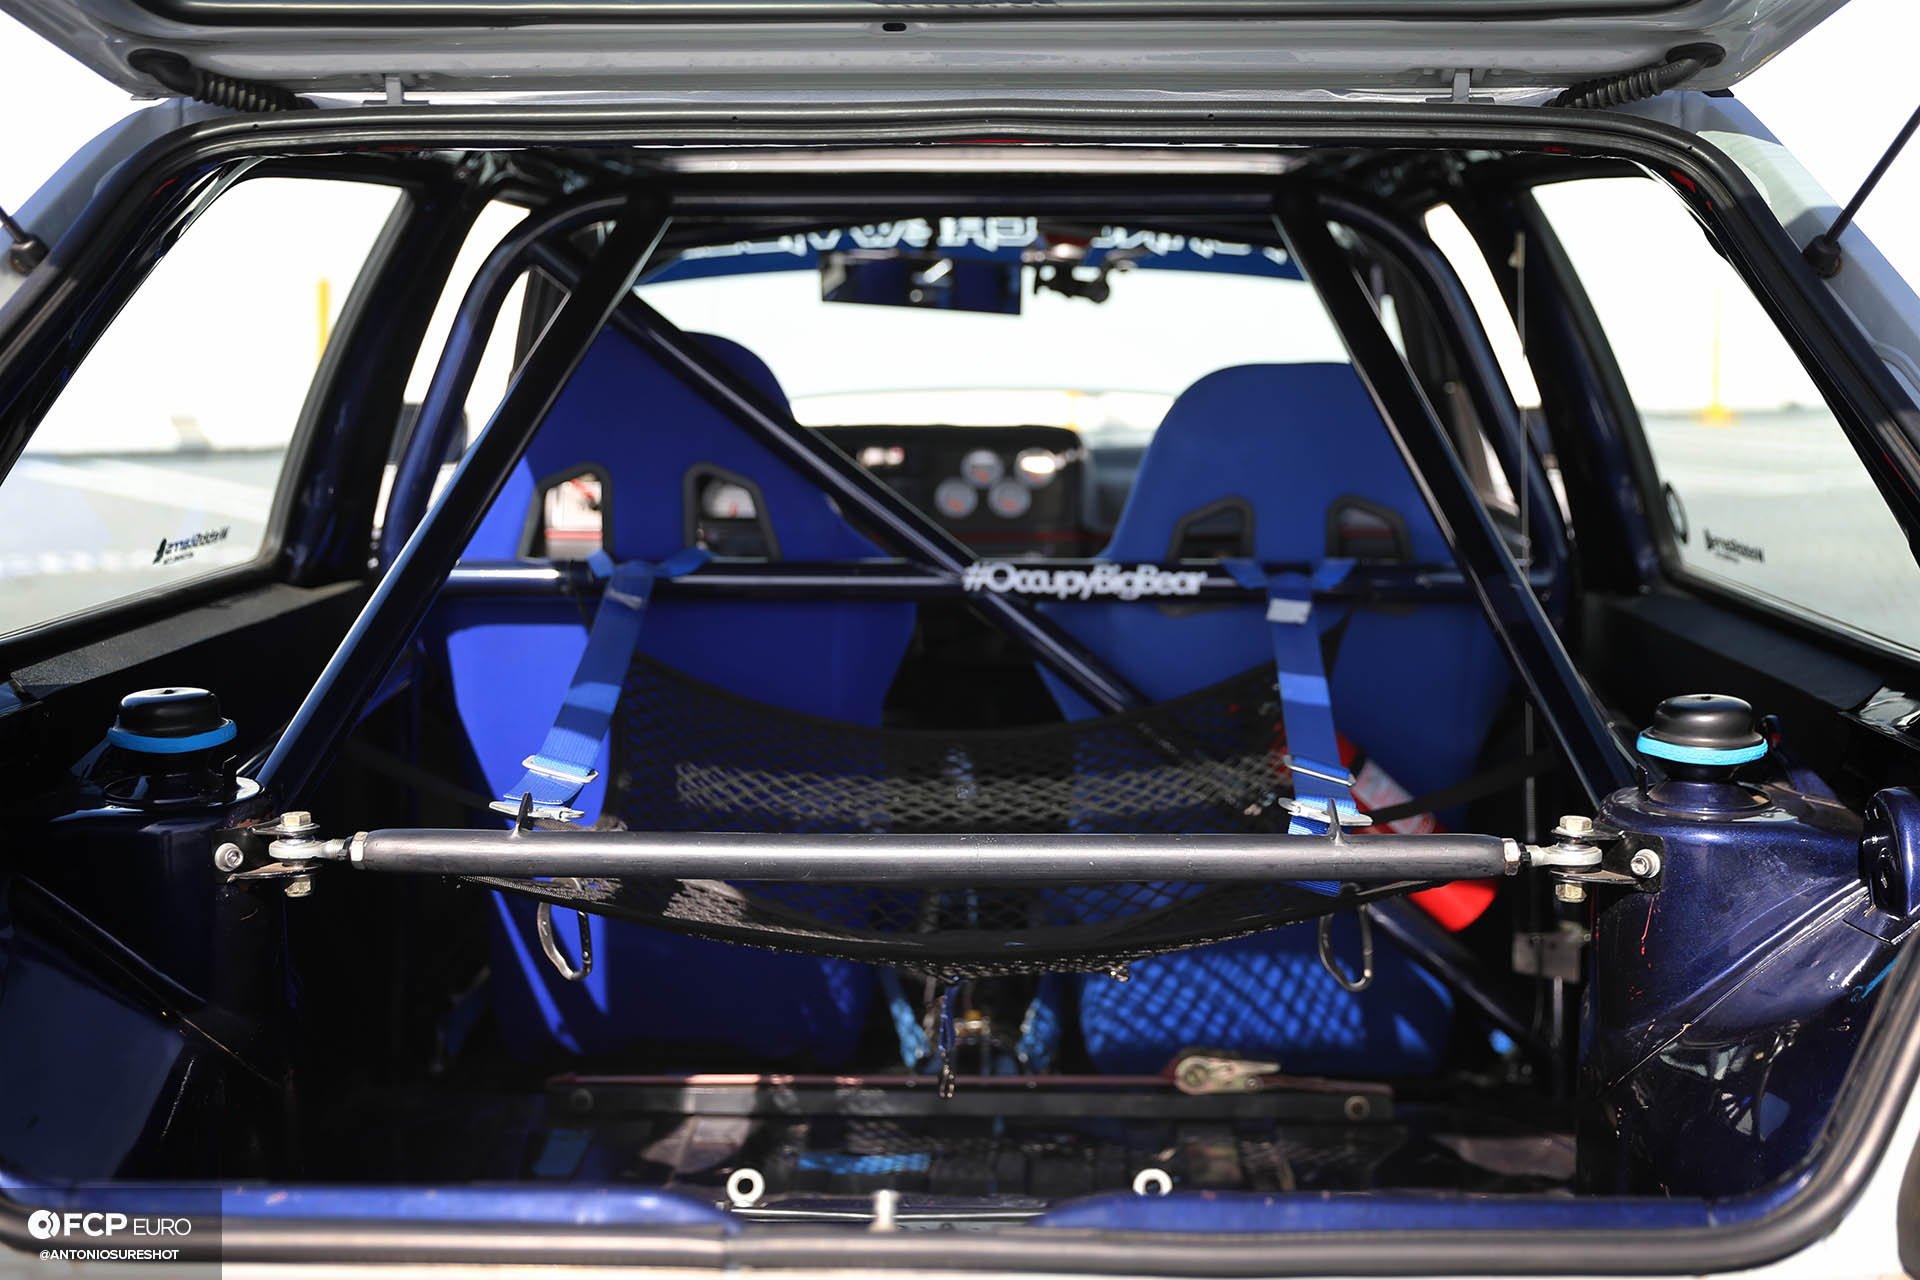 1990 Volkswagen Golf GTI VR6 swap